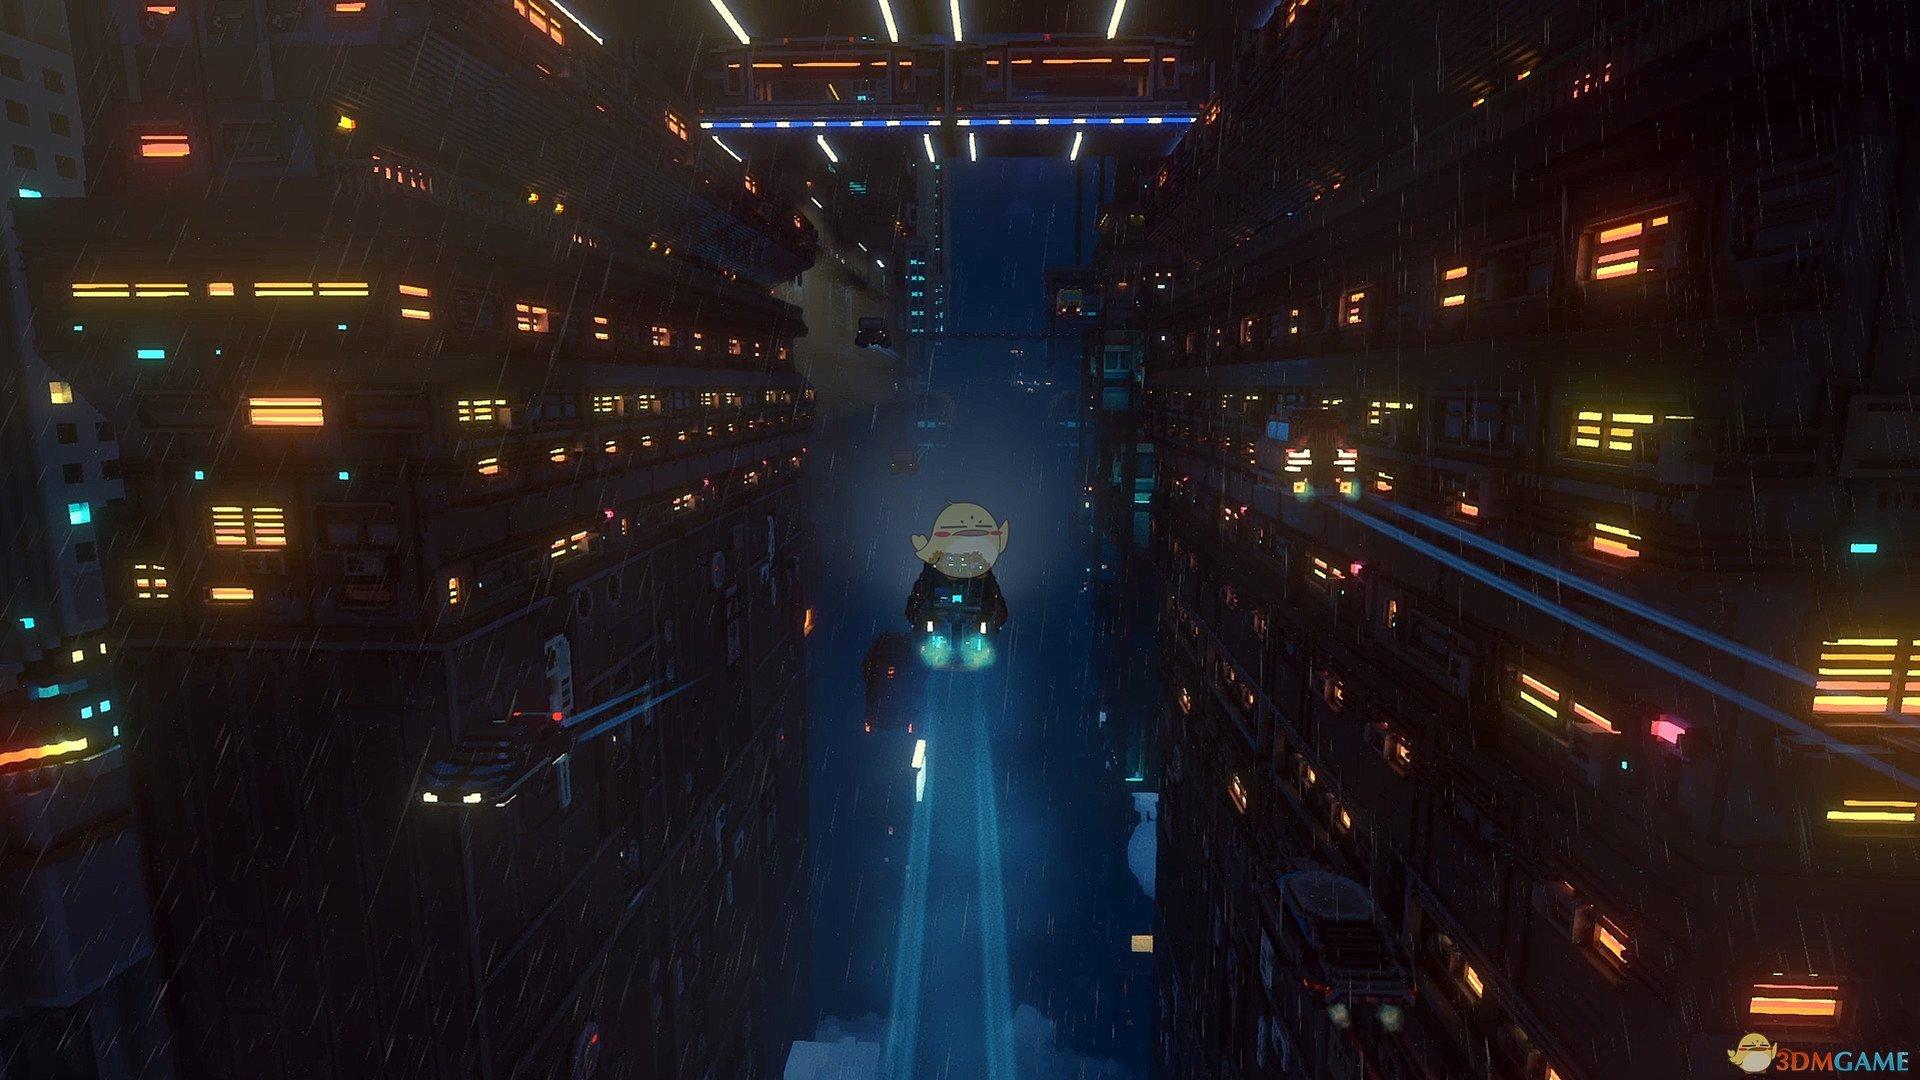 《云端朋克》游戏特色内容介绍